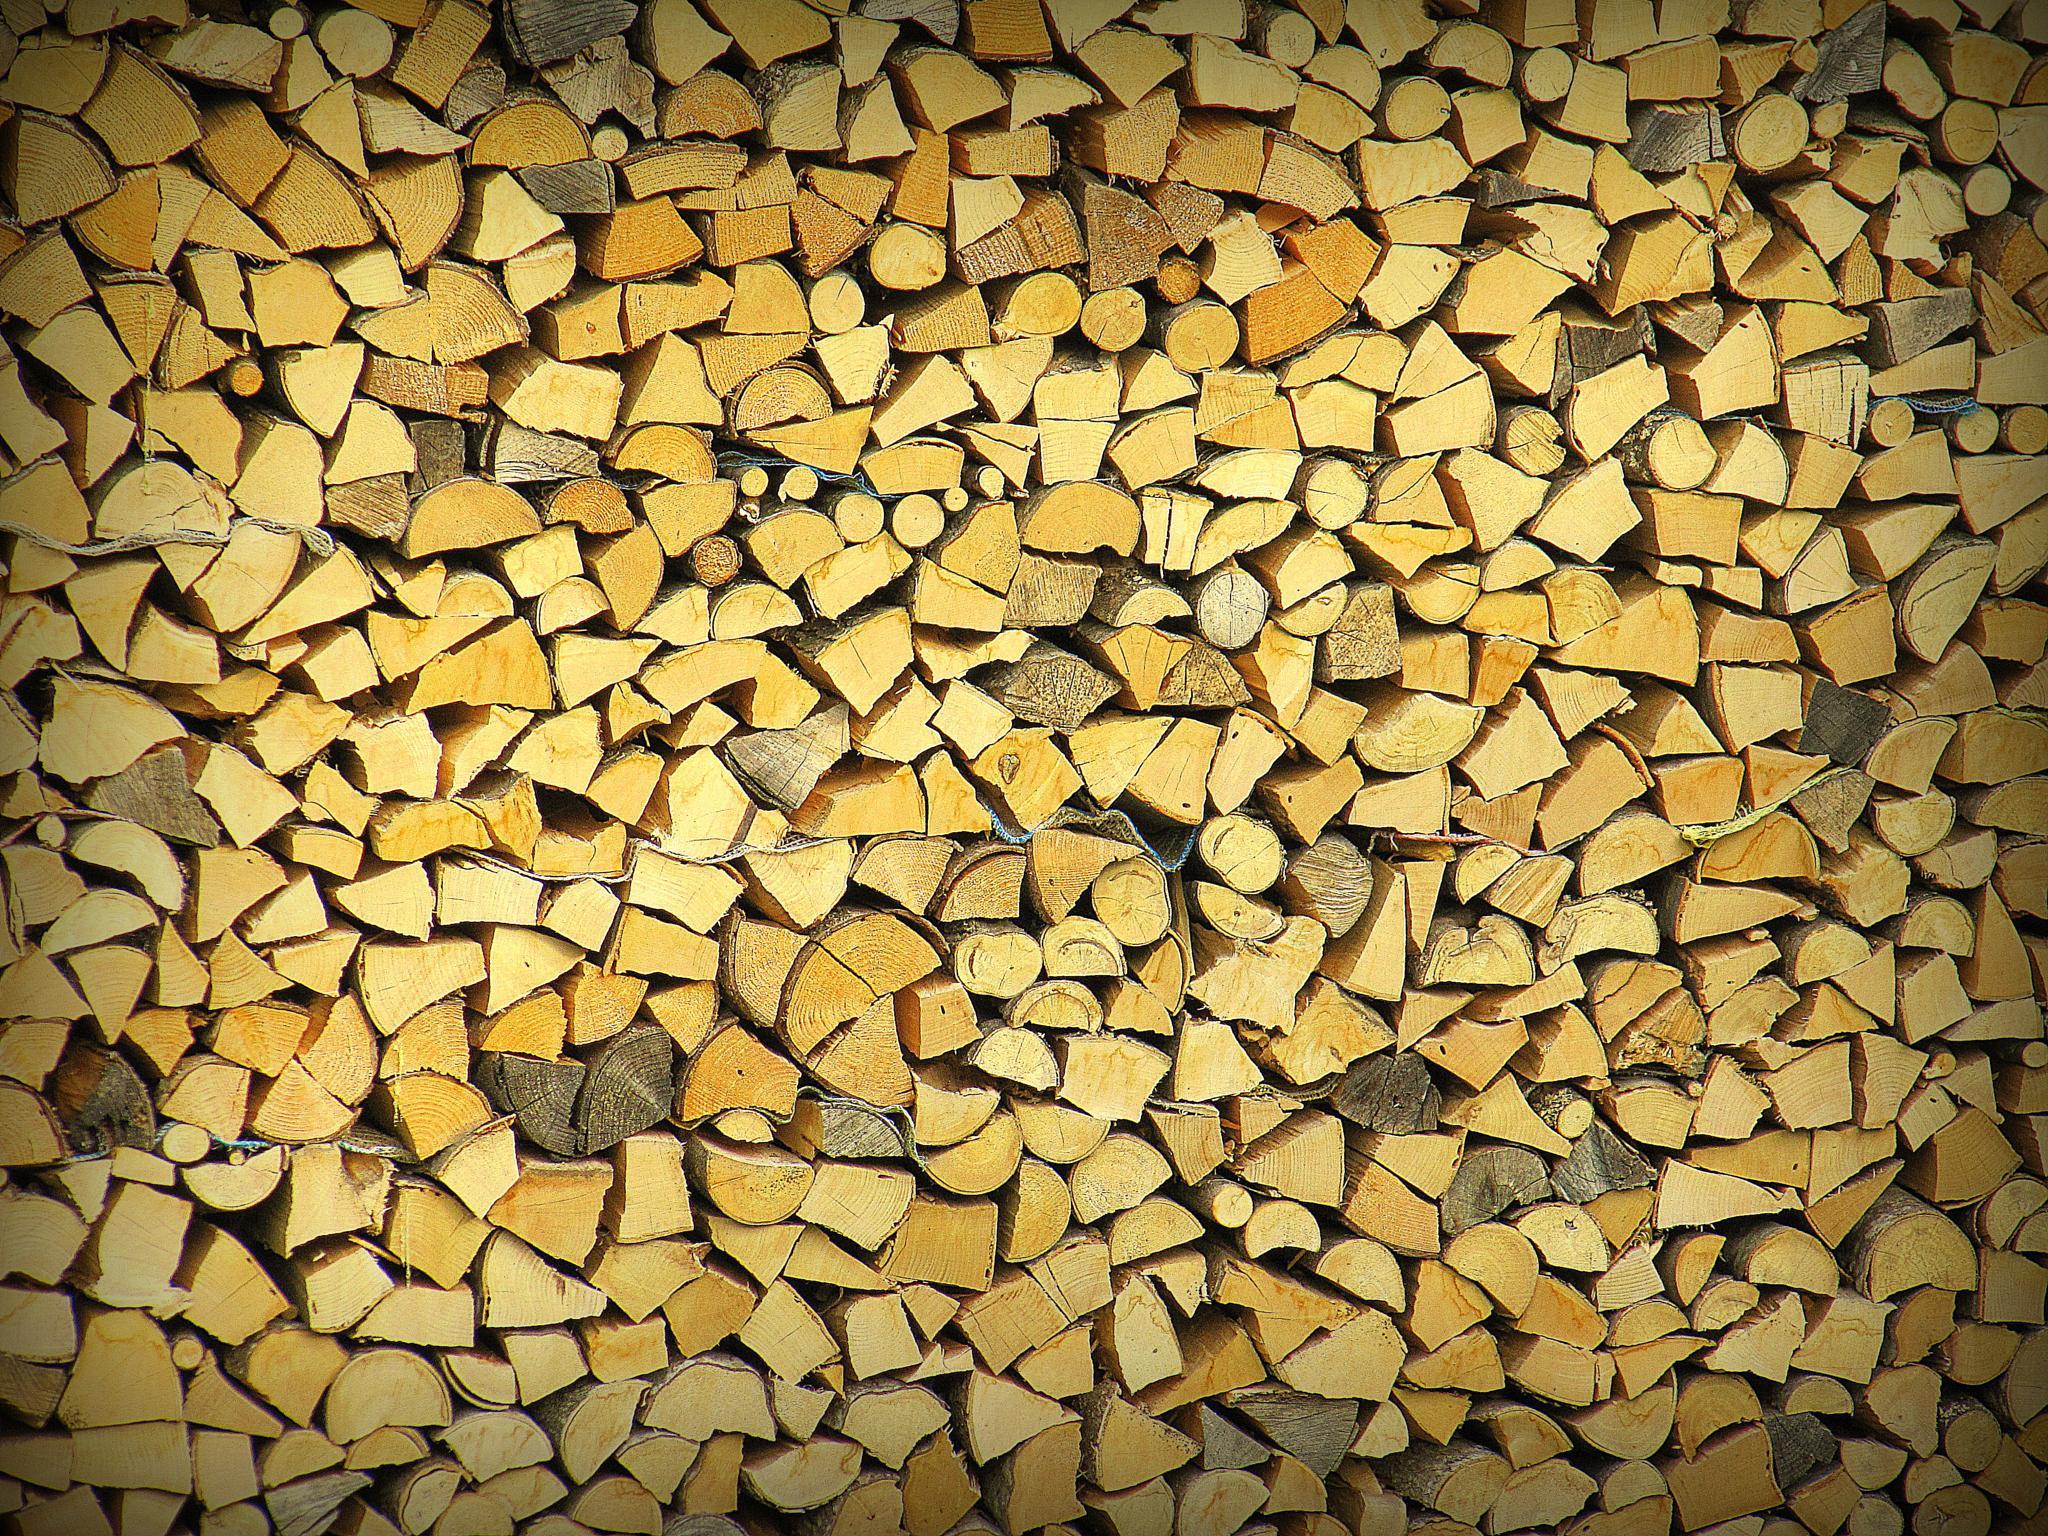 Wood anyone? by raymond.vanharen